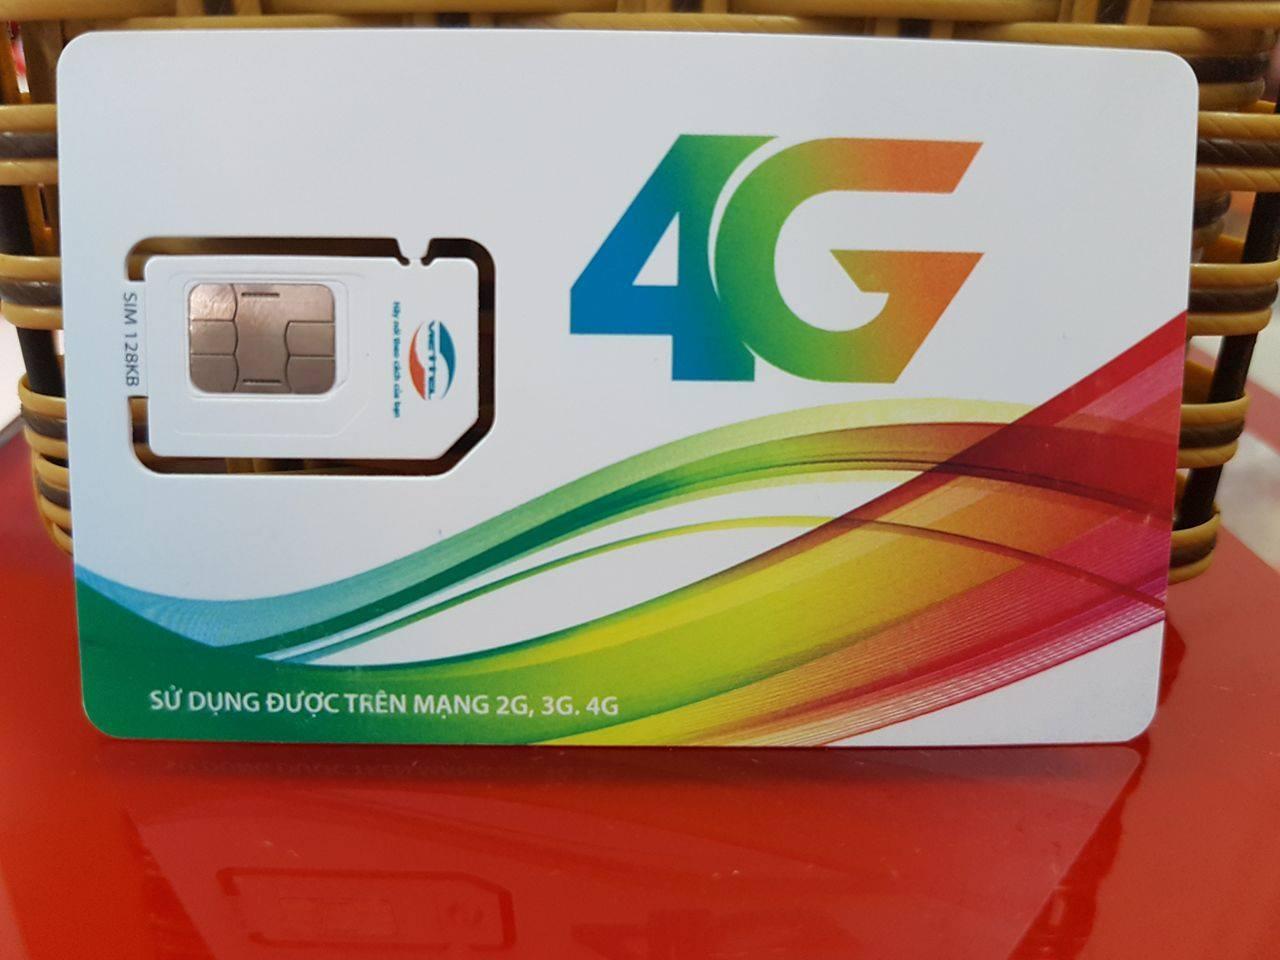 Giá Bán Sim 3G 4G Viettel V90 Km 60Gb Thang Gọi Miễn Gọi Nội Mạng 50 Phut Gọi Ngoại Mạng Viettel Cà Mau